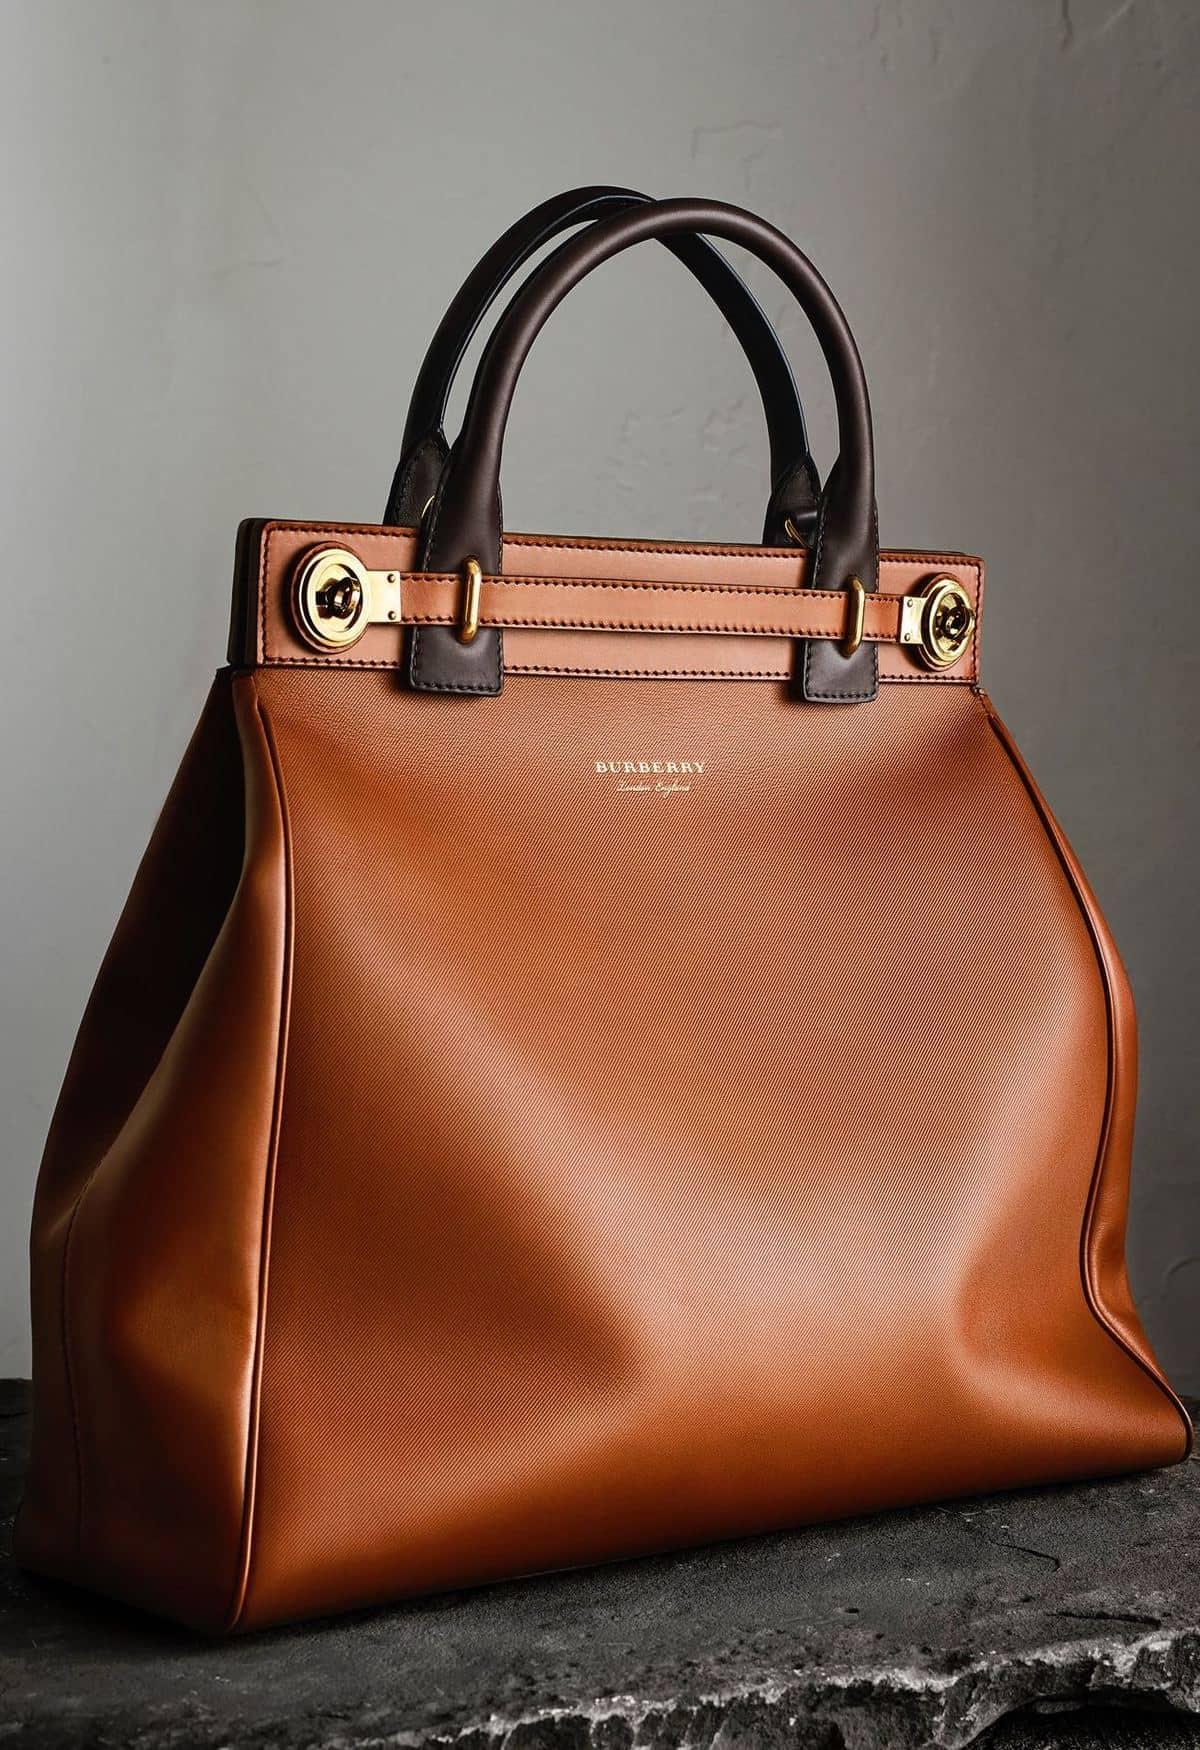 DK88 Bag